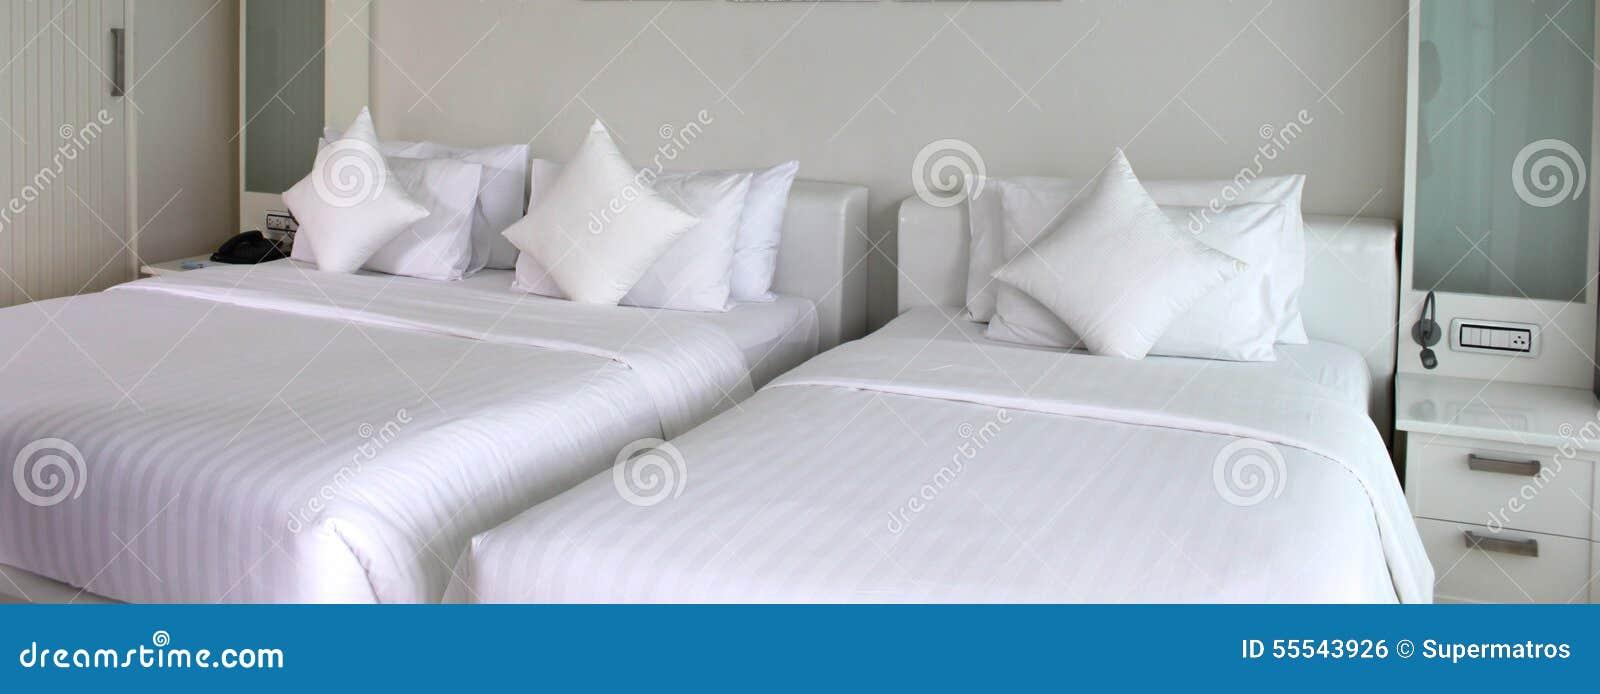 Dos camas con las colchas y las almohadas blancas foto de - Almohadas para cama ...